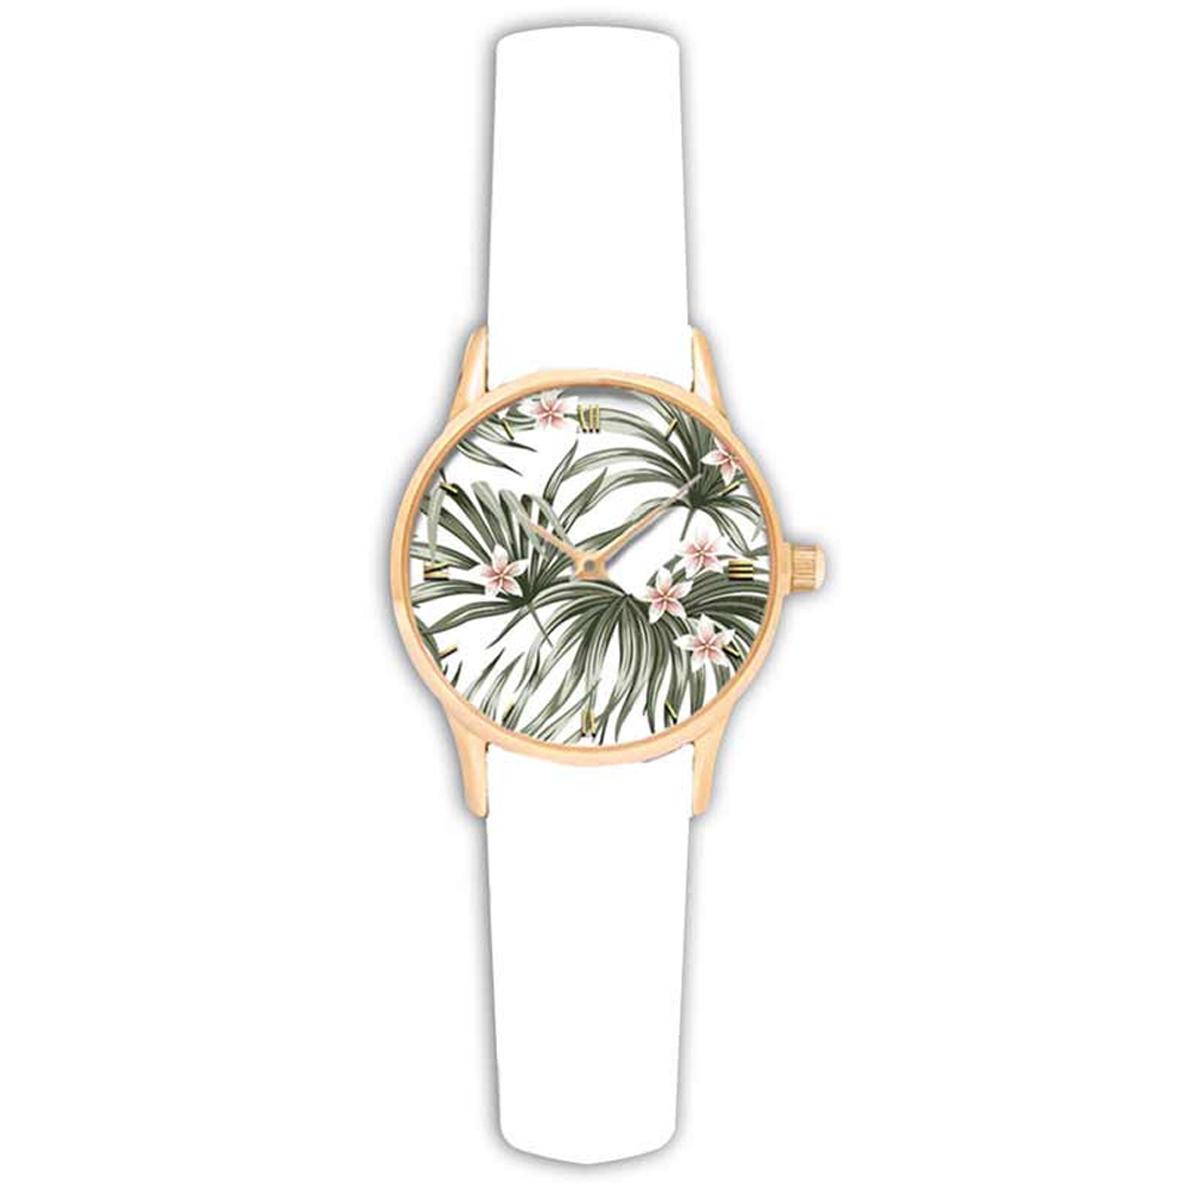 Montre créateur \'Jungle\' blanc vert (tropical) - 38 cm - [Q9014]